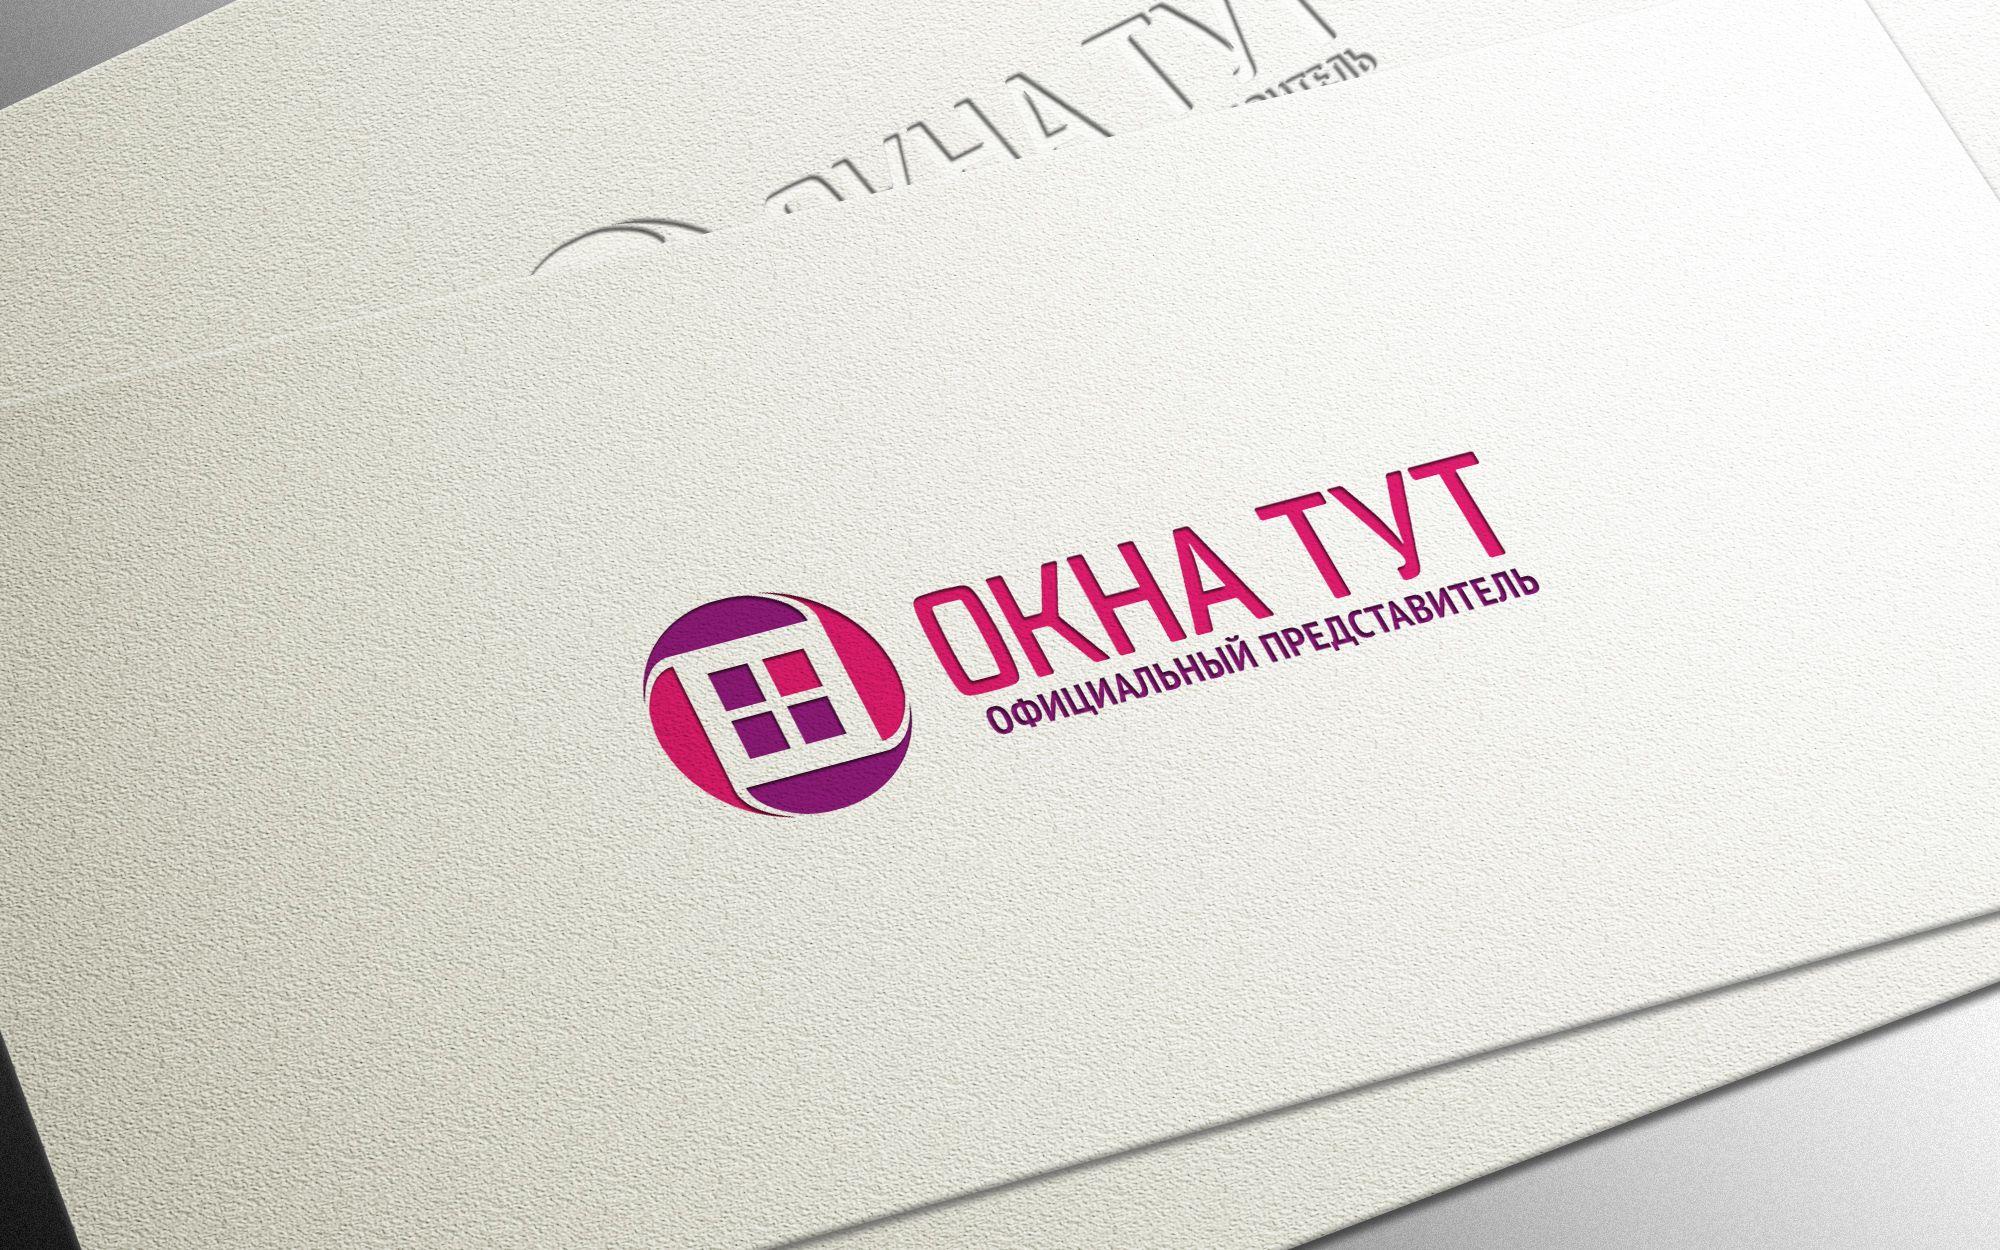 Логотип для сайта Окна тут - дизайнер Gas-Min